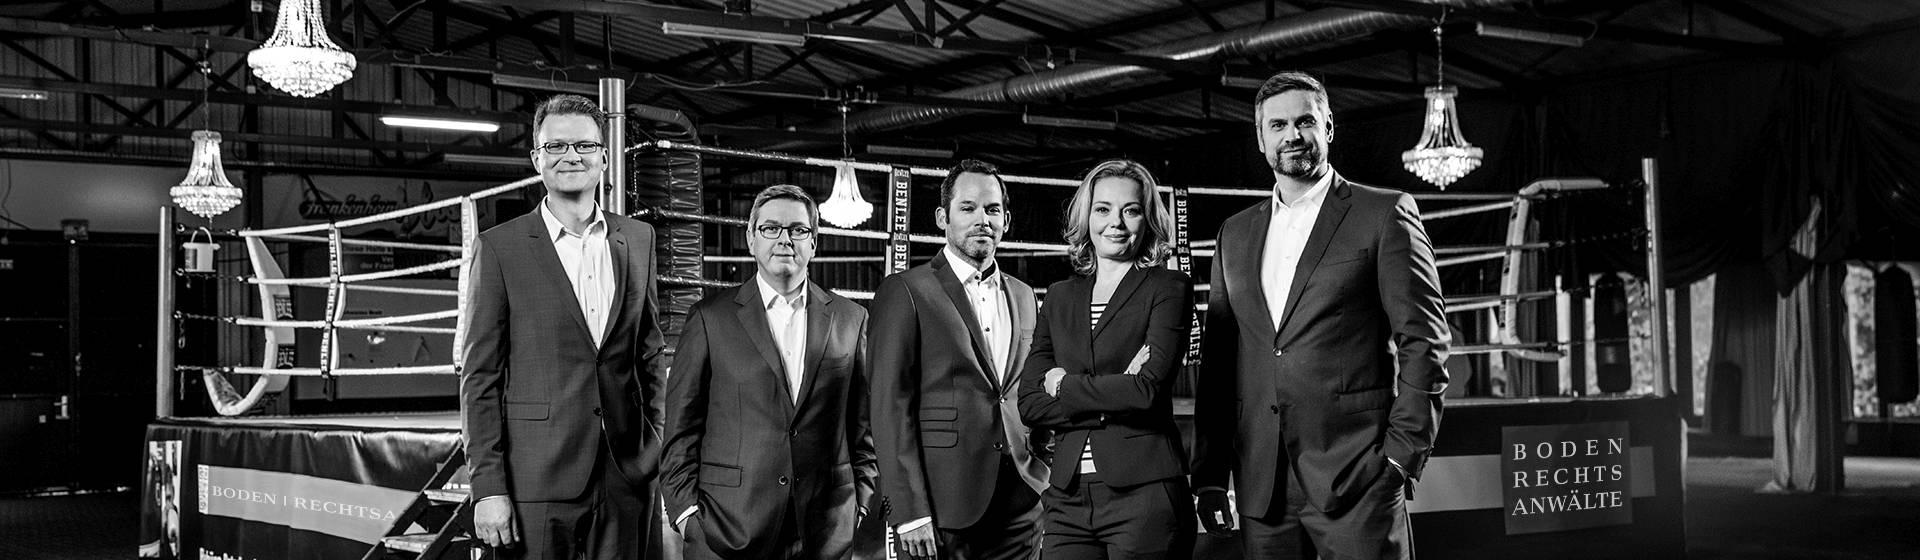 Boden | Rechtsanwälte - Team